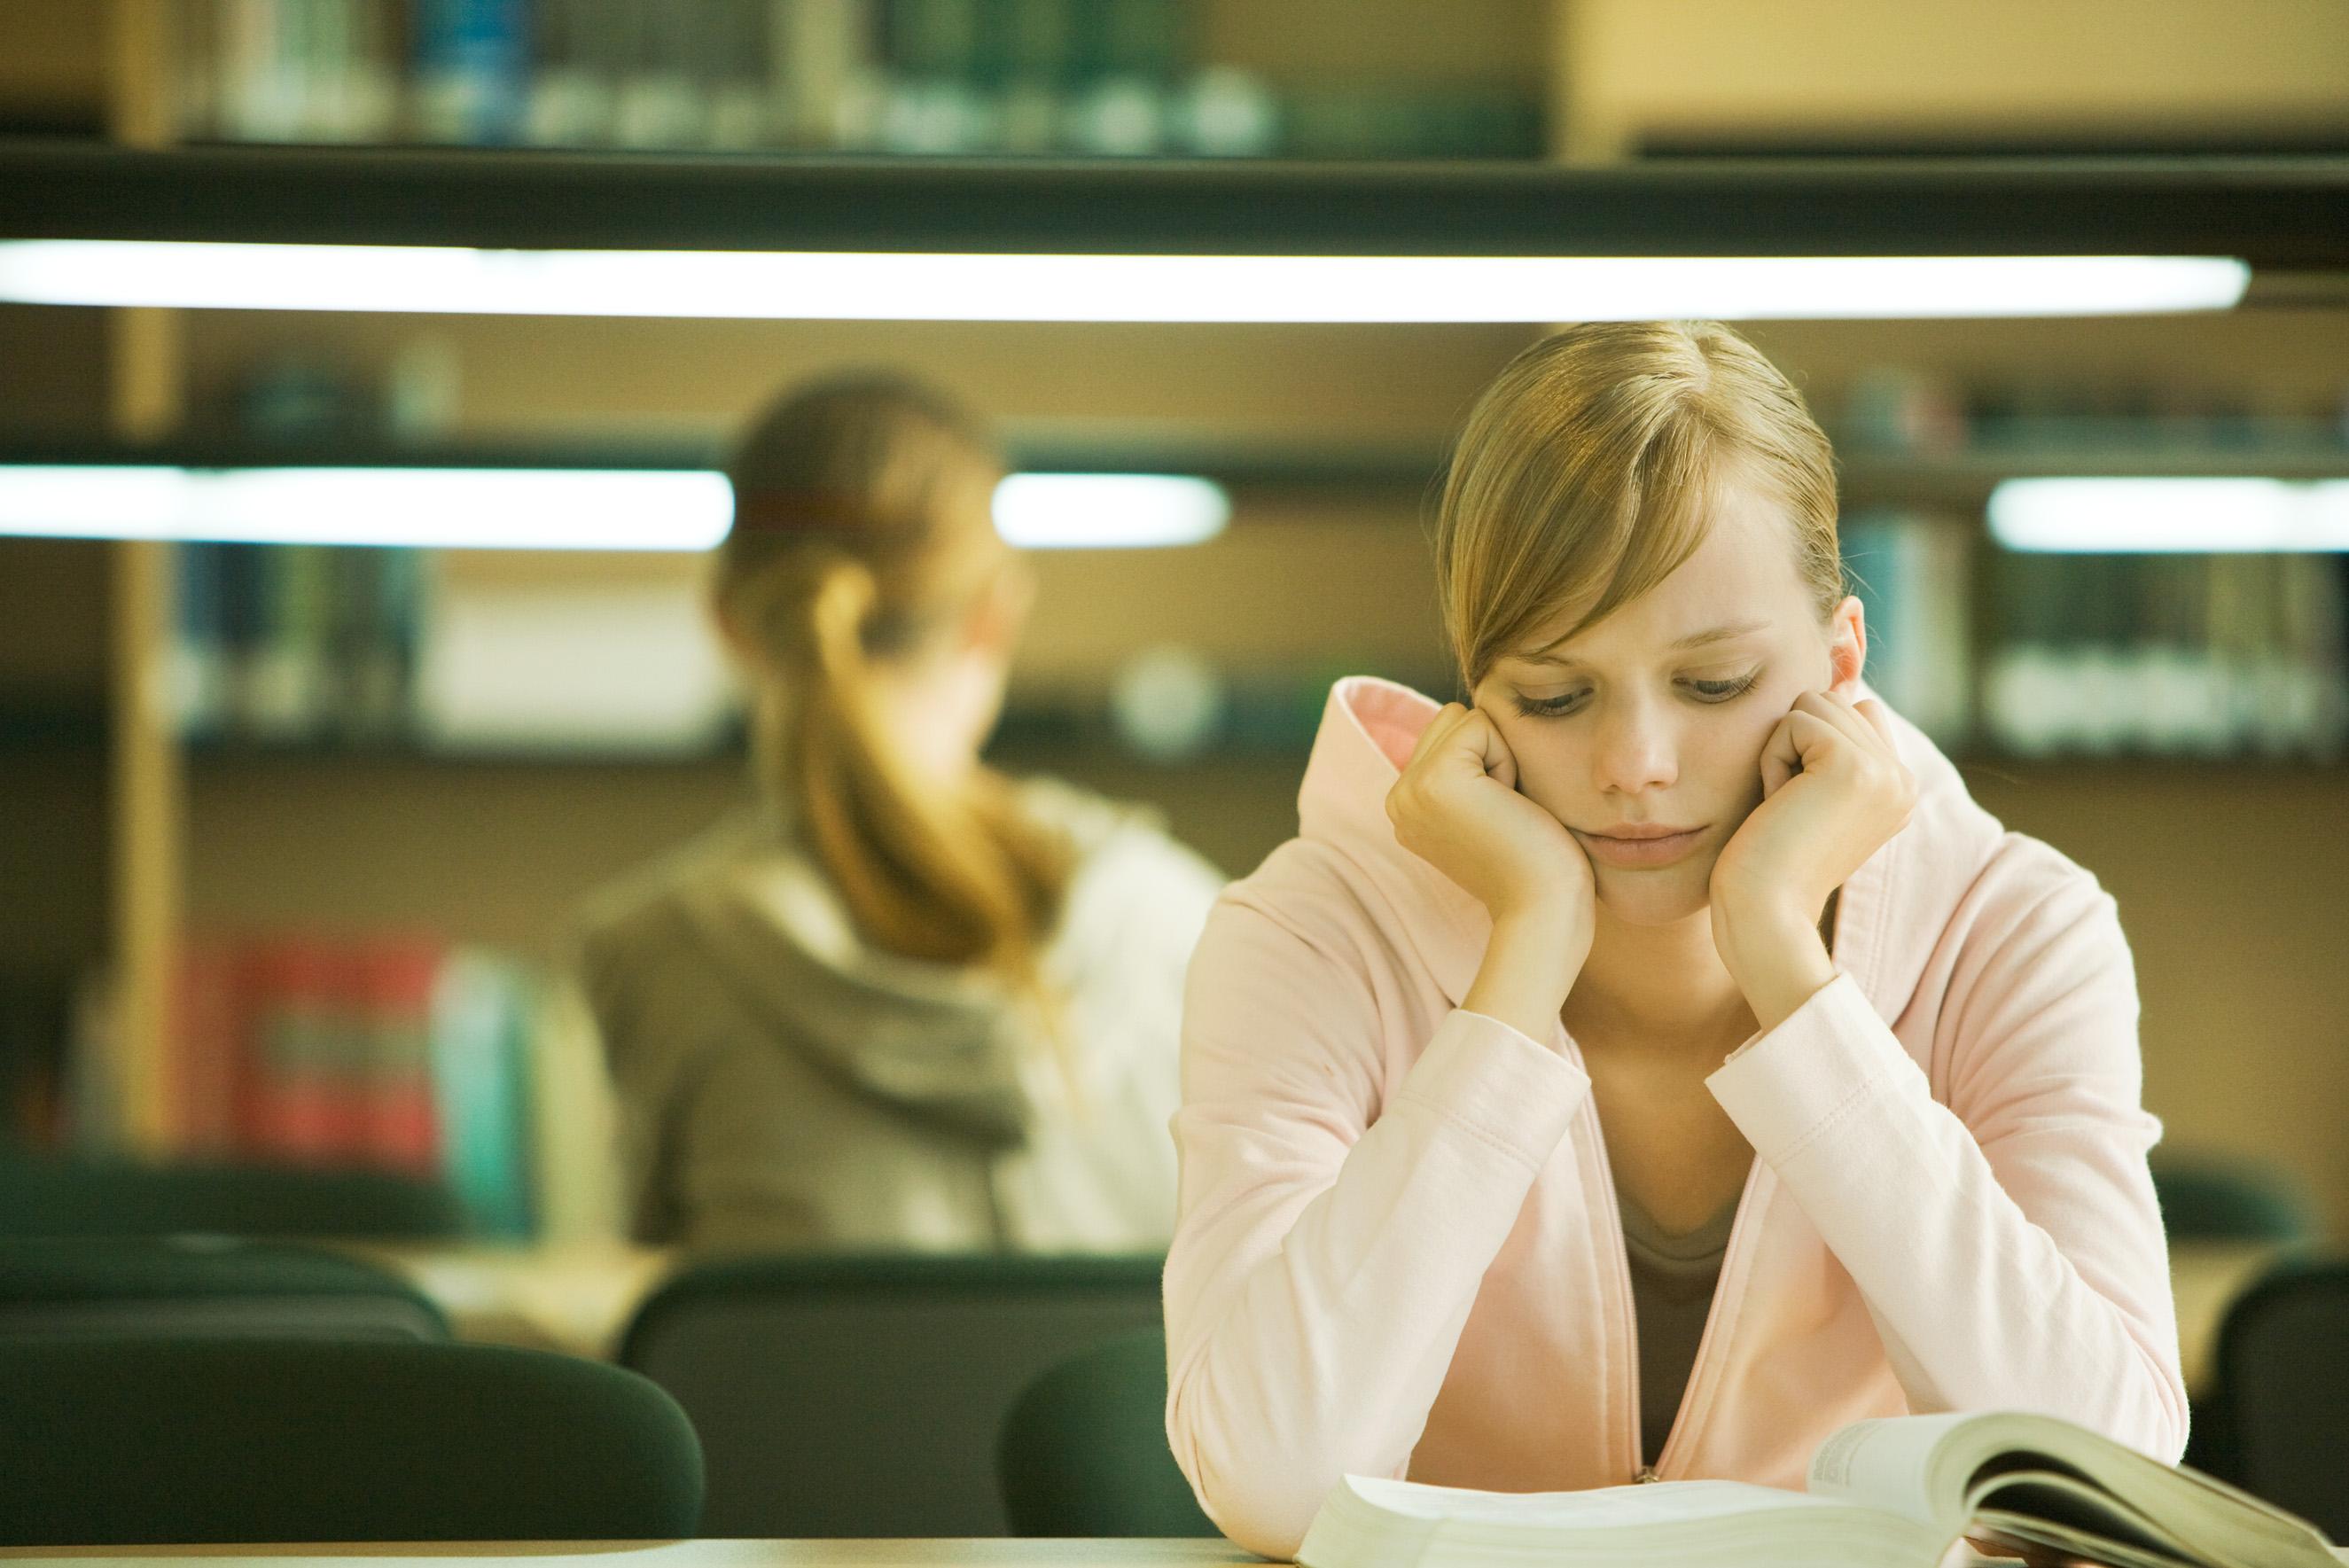 Anche in svezia i giovani fanno fatica a uscire di casa - Agevolazioni prima casa 2017 giovani ...